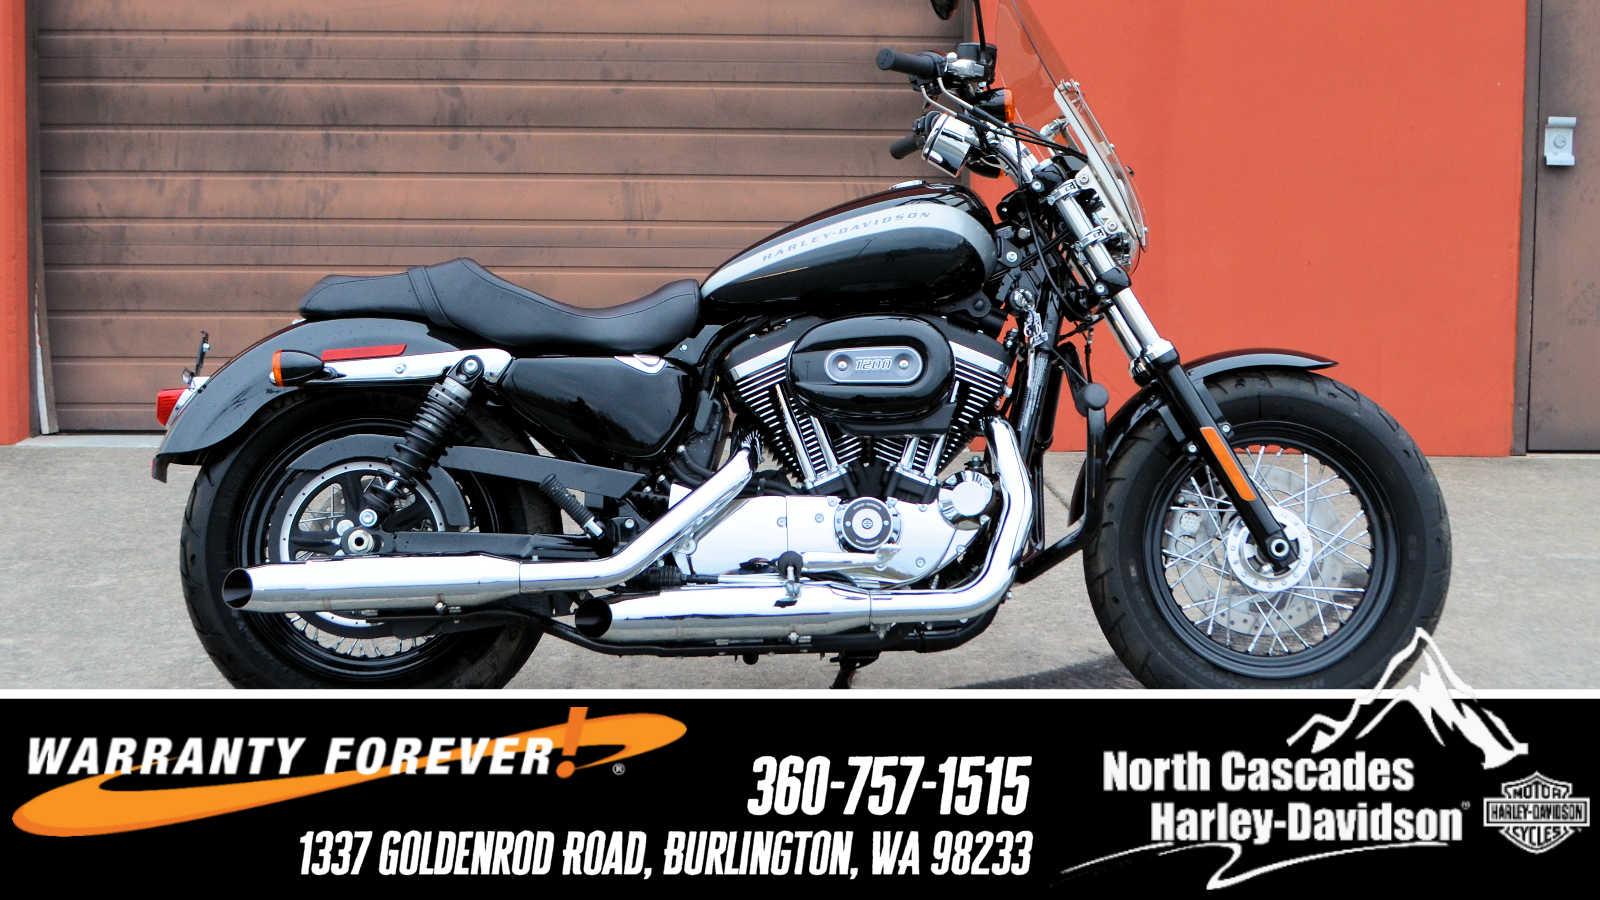 2018 Harley Davidson 1200 Custom Black For Sale In Burlington Wa